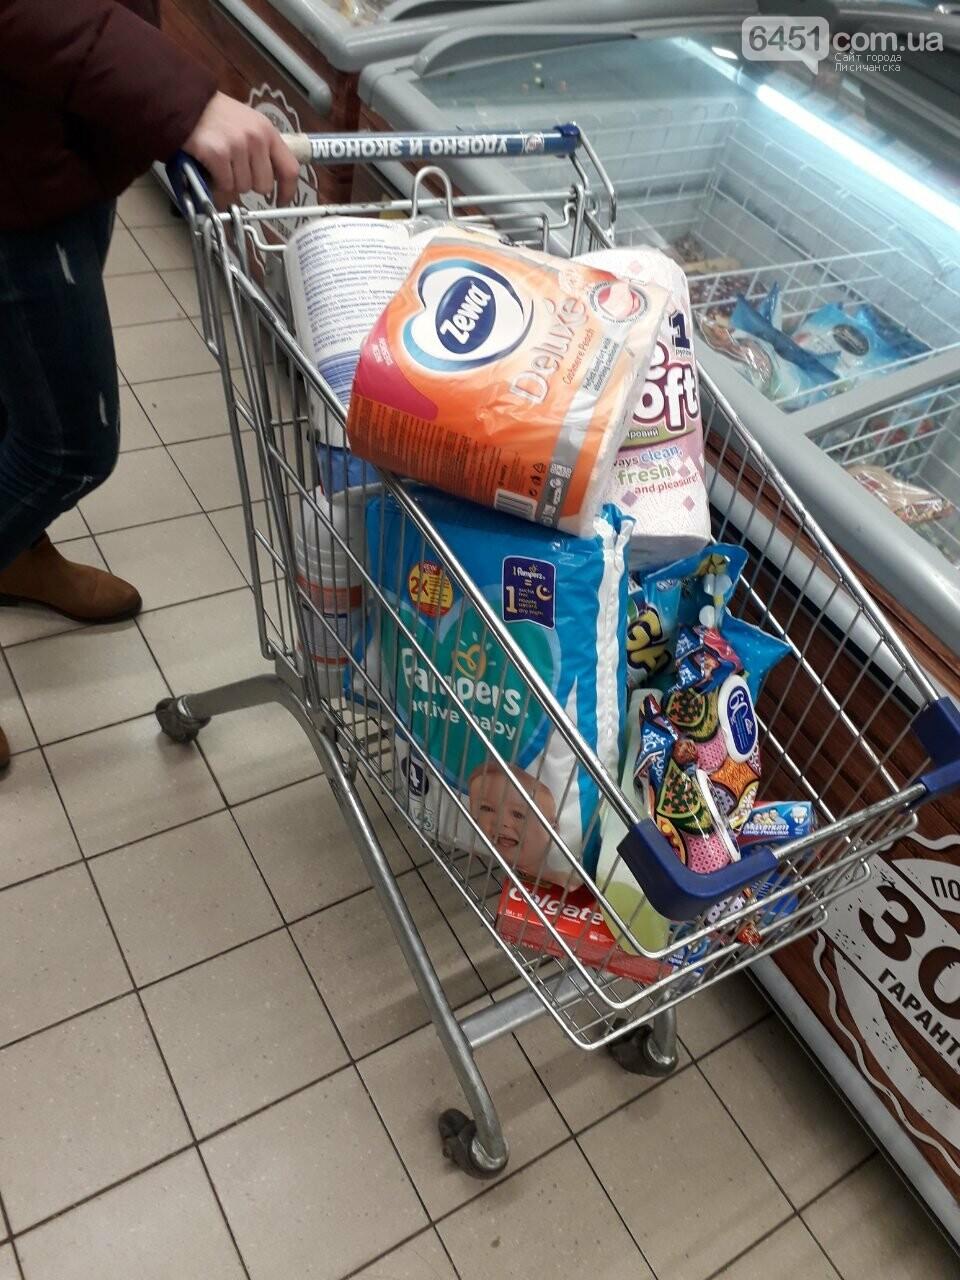 Ажиотажа нет, но продукты раскупают: что происходит в супермаркетах Лисичанска накануне карантина (фоторепортаж), фото-9